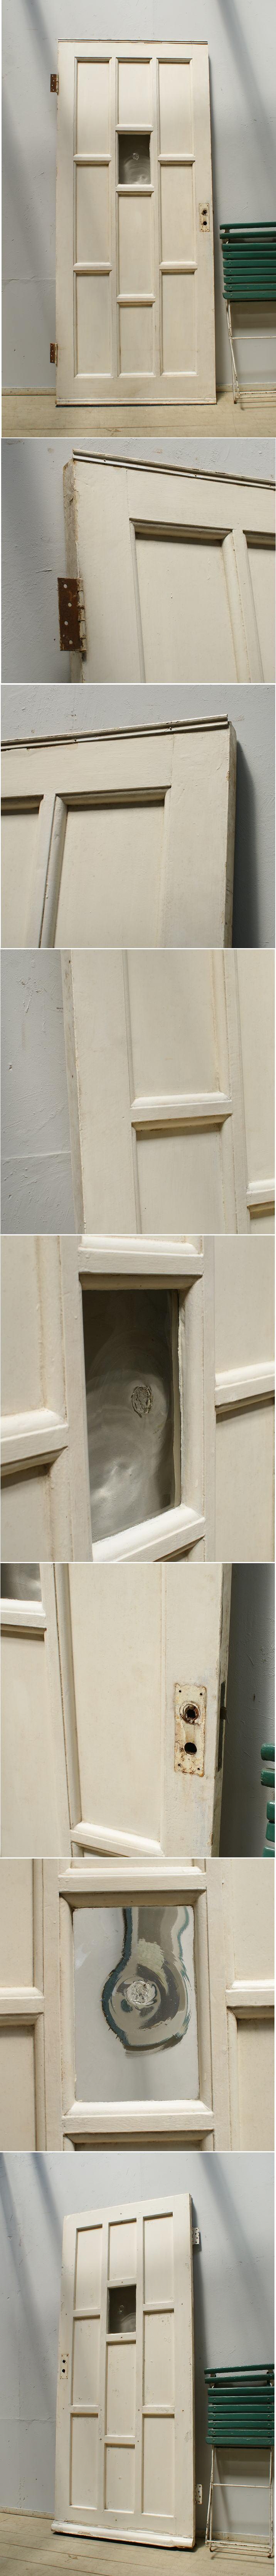 イギリス アンティーク ガラス入り木製ドア 扉 ディスプレイ 建具 6250